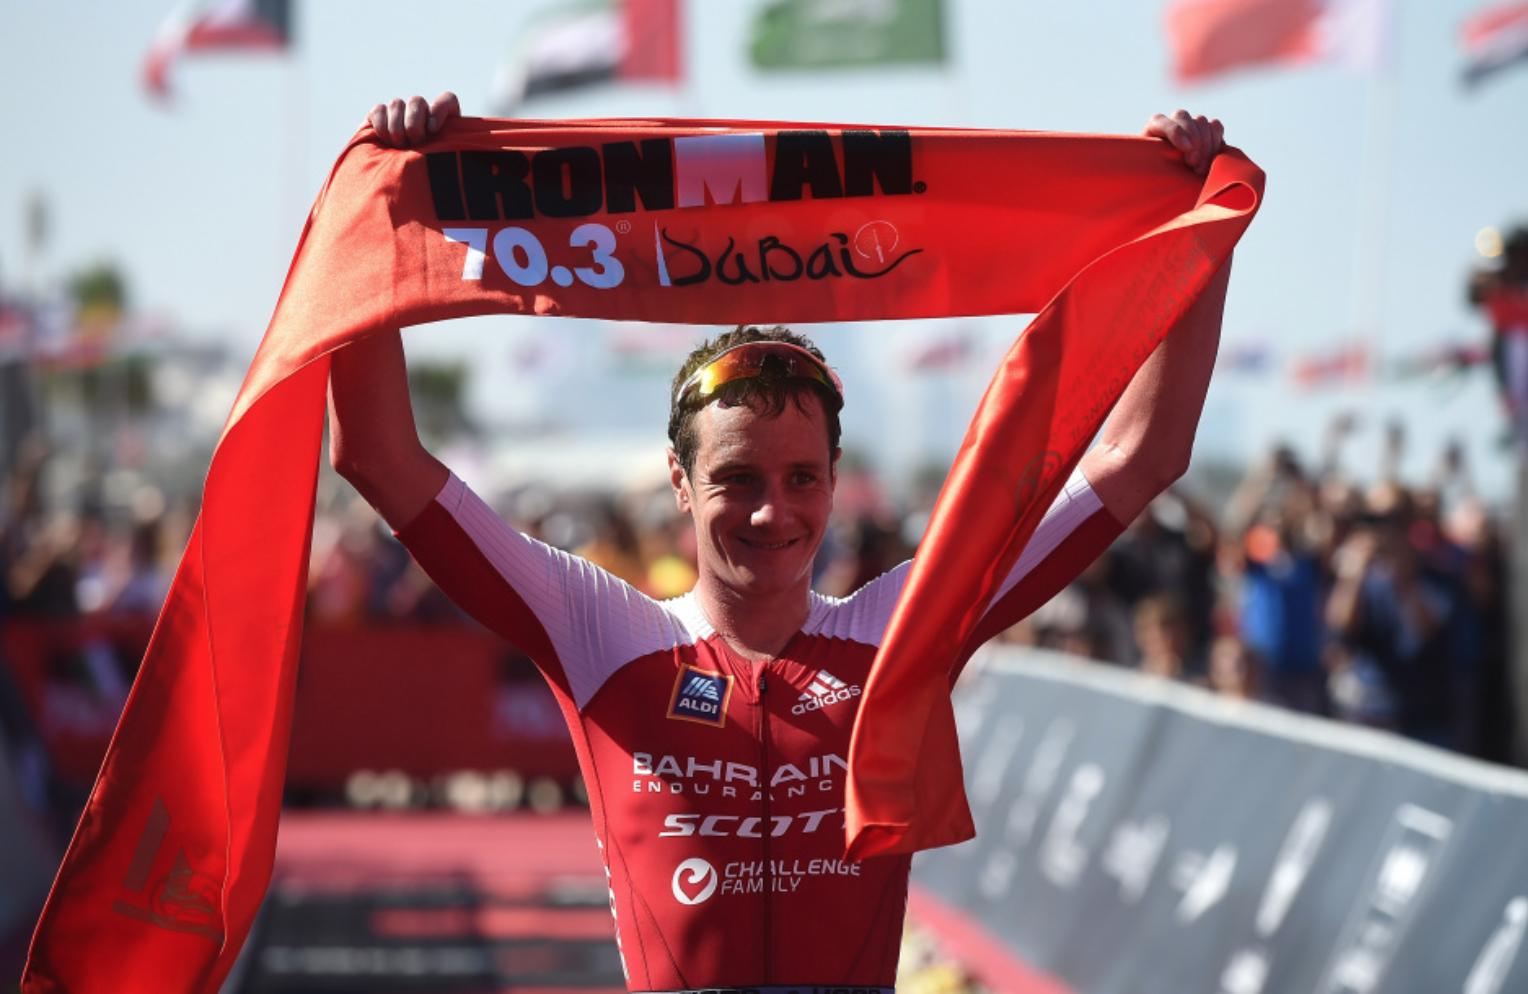 Va Alistair Brownlee a repetir triunfo en el 70.3 de Dubai